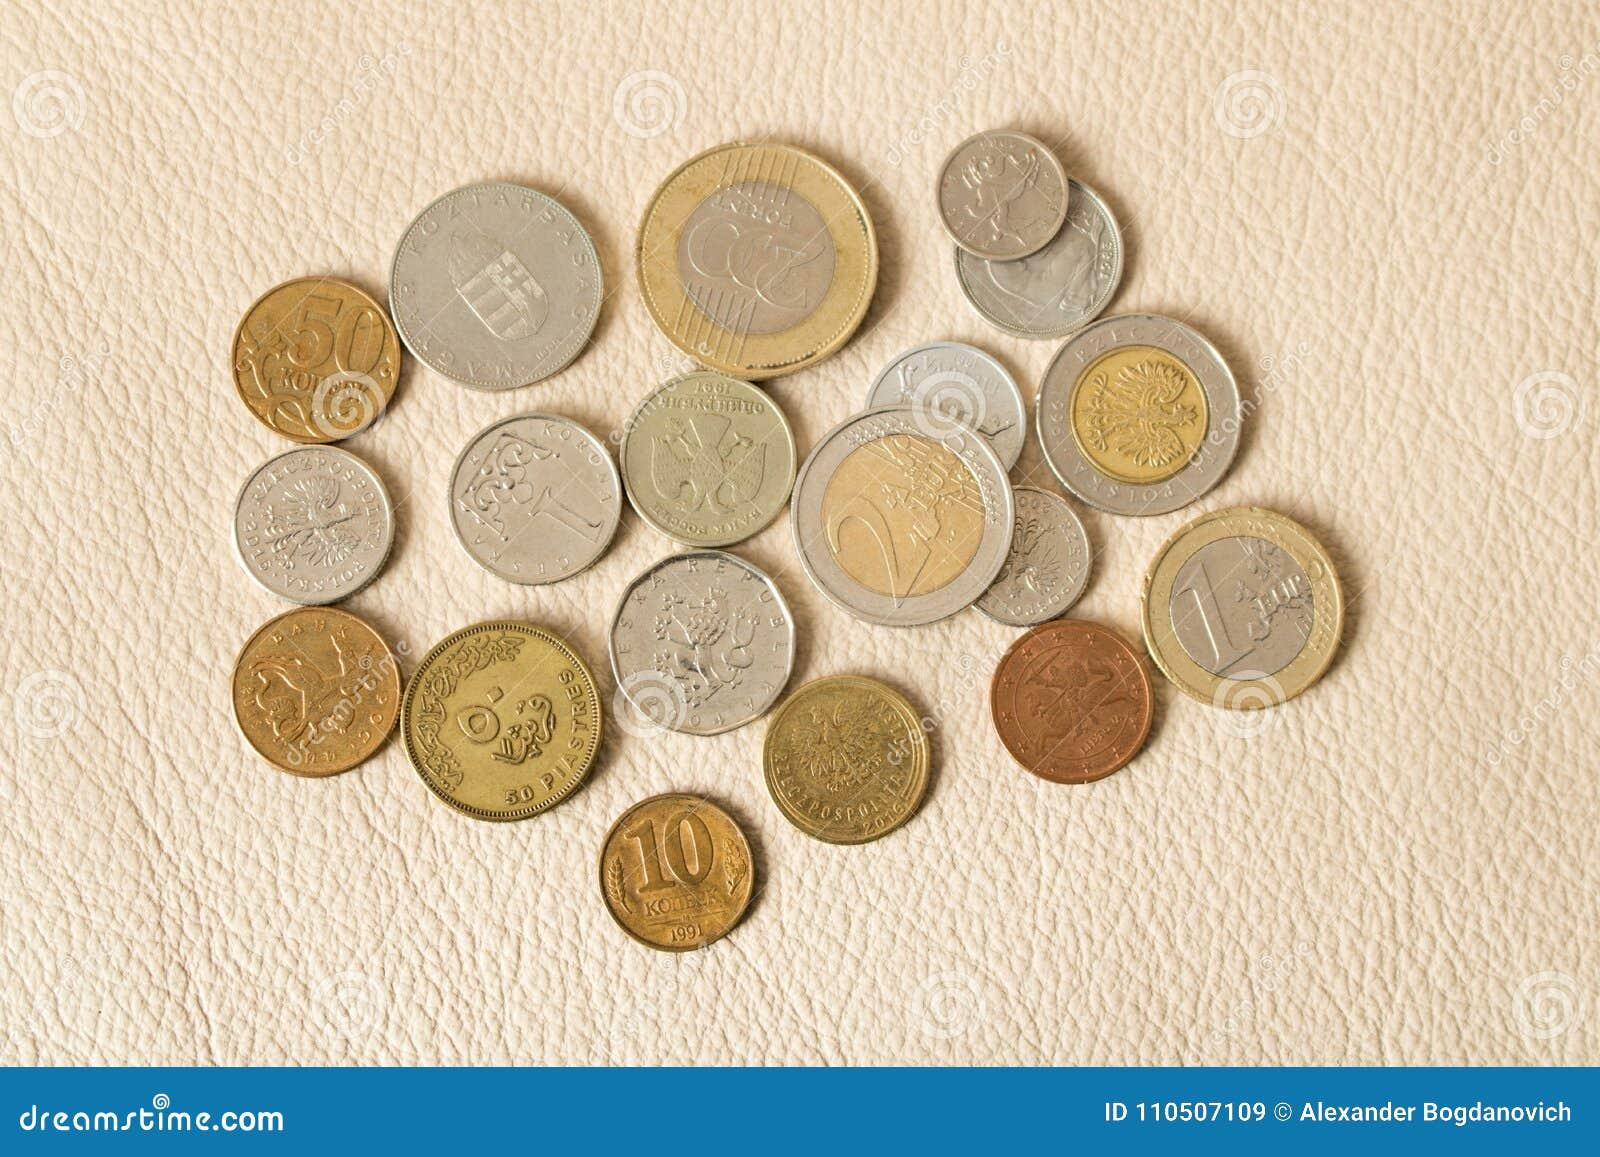 Много разбросанные монетки на кожаной предпосылке